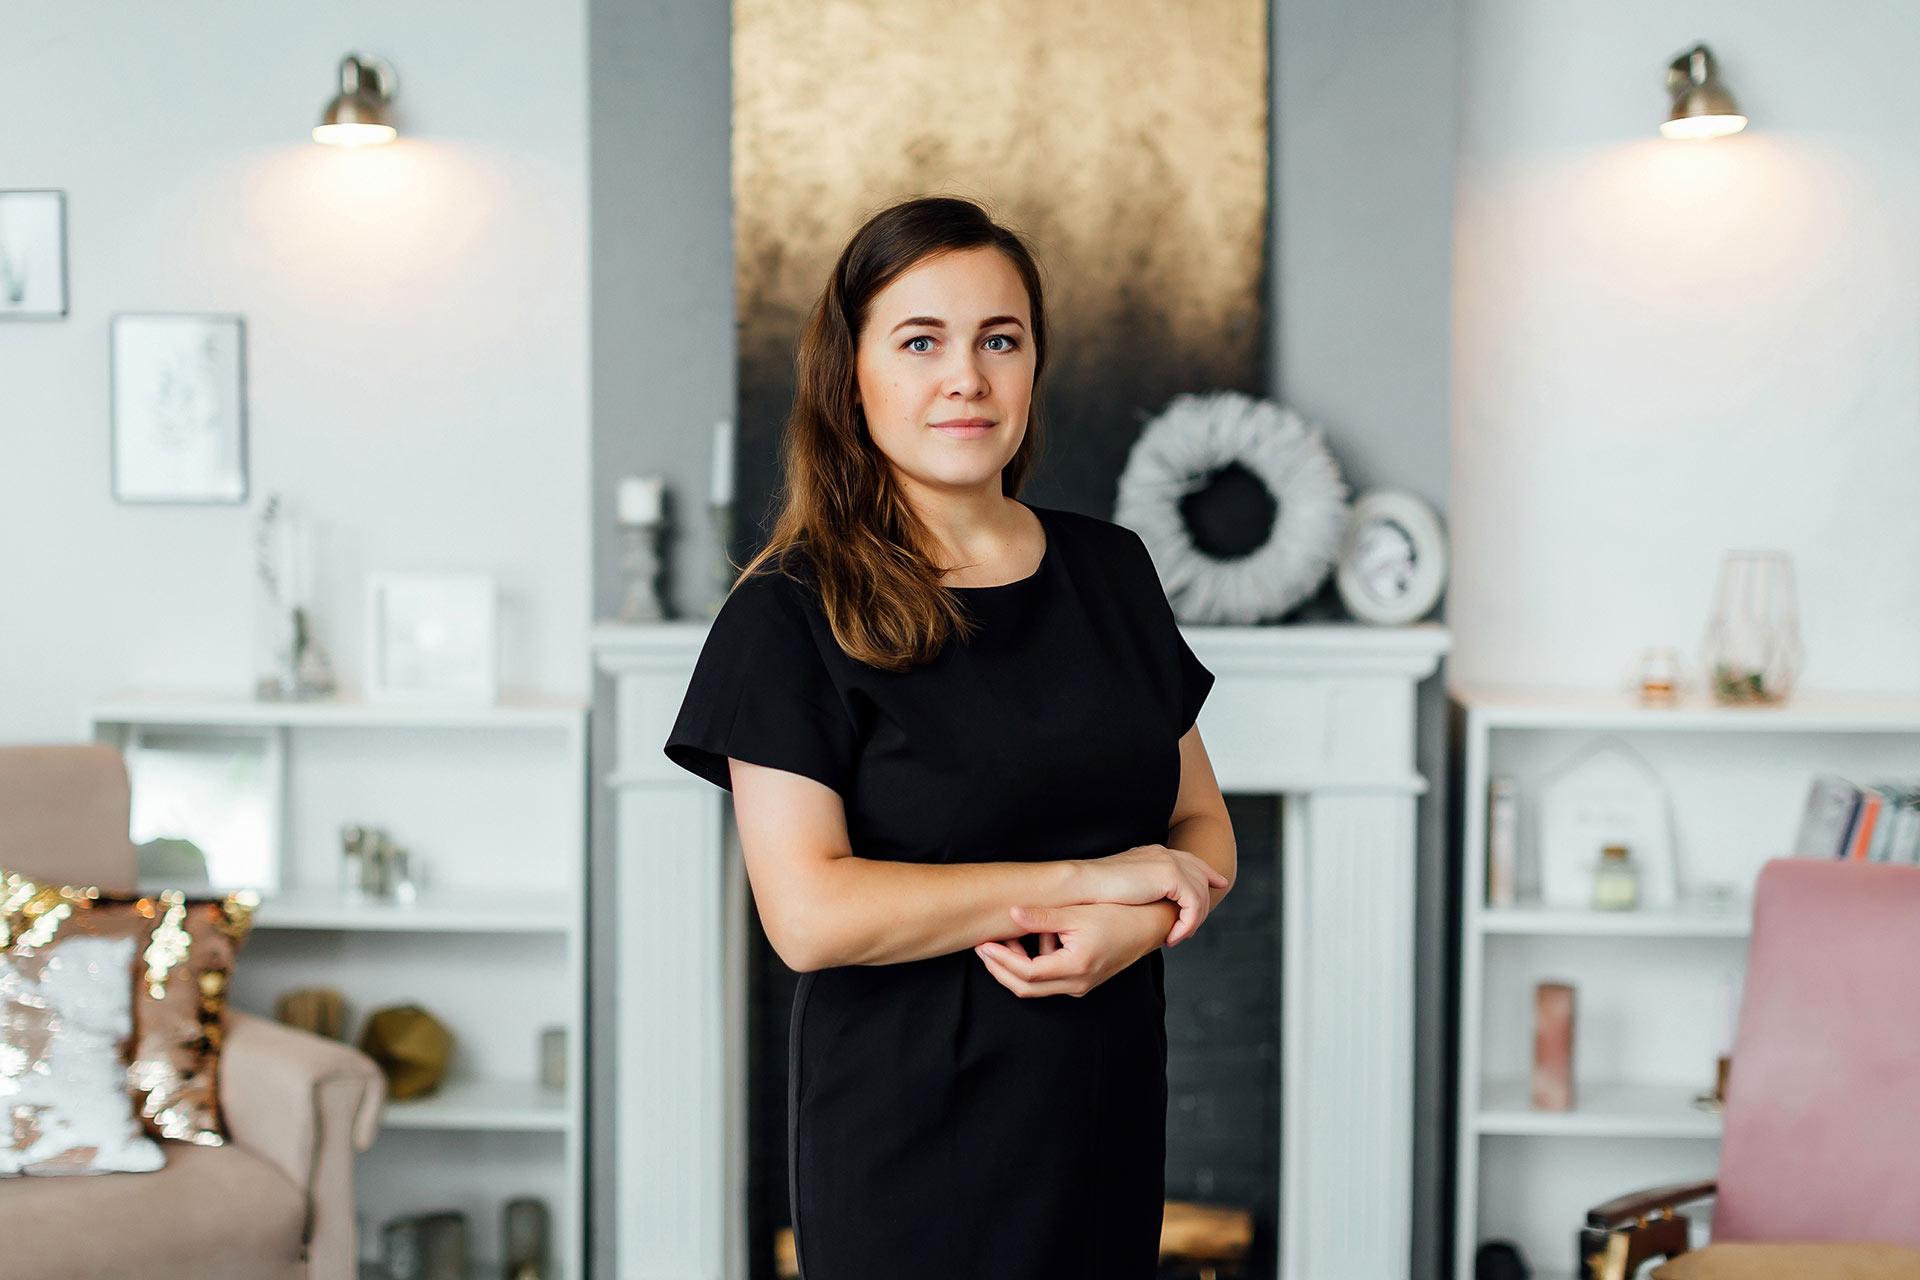 Юлия Сафина. Партнер, финансовый консультант Агентства личных финансов GoFortune